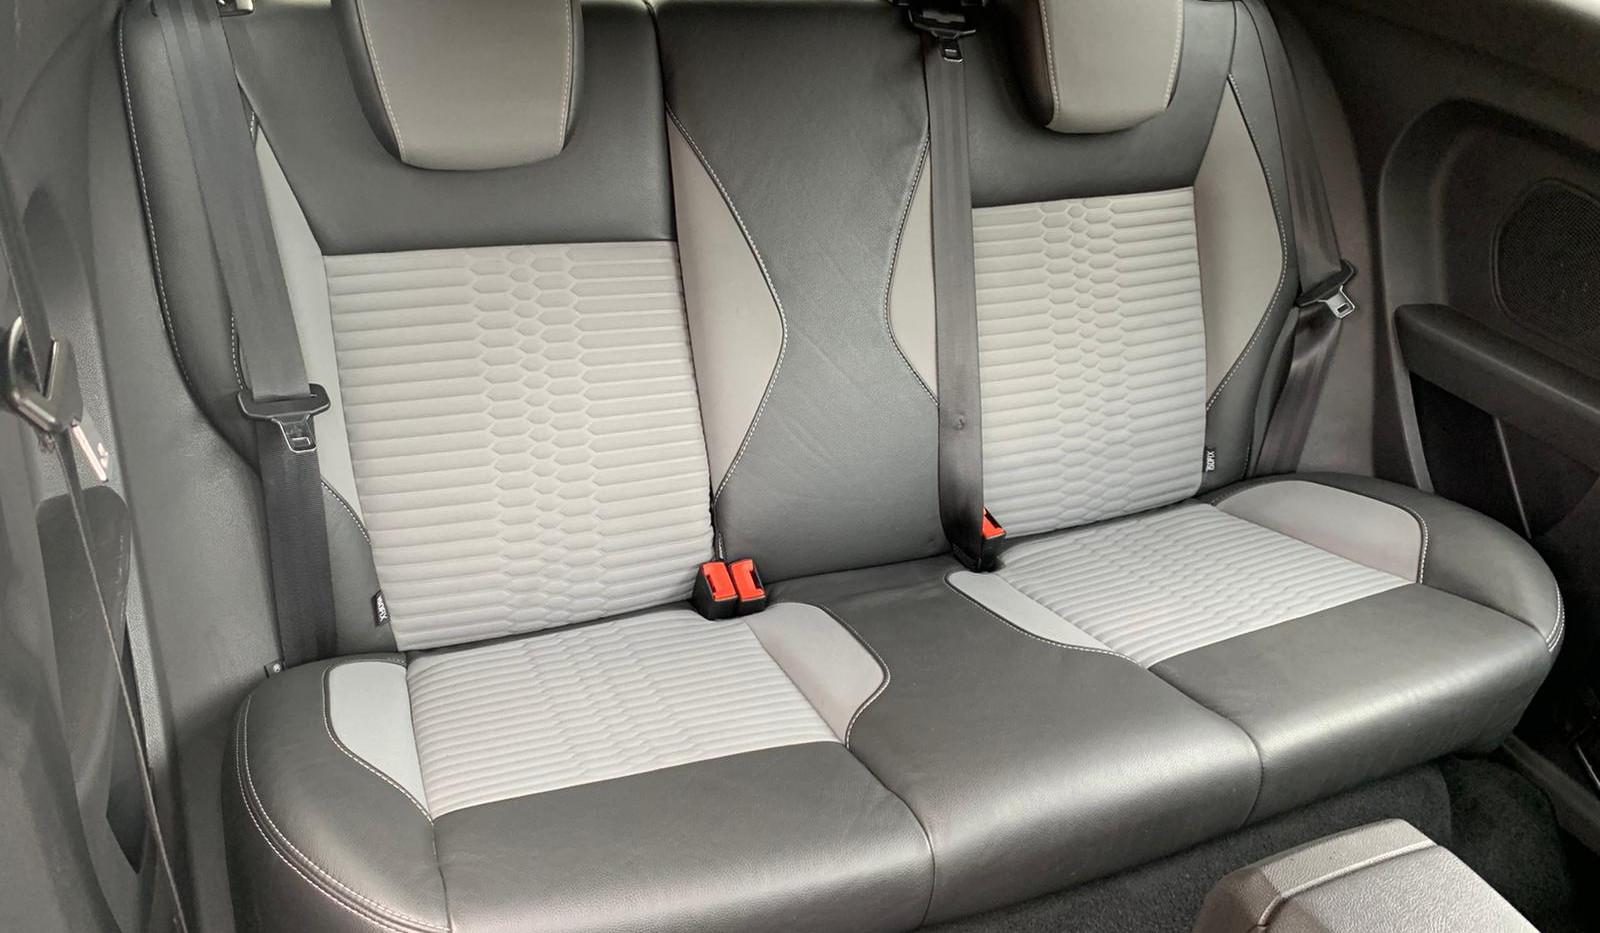 Seats Rear 1.JPG